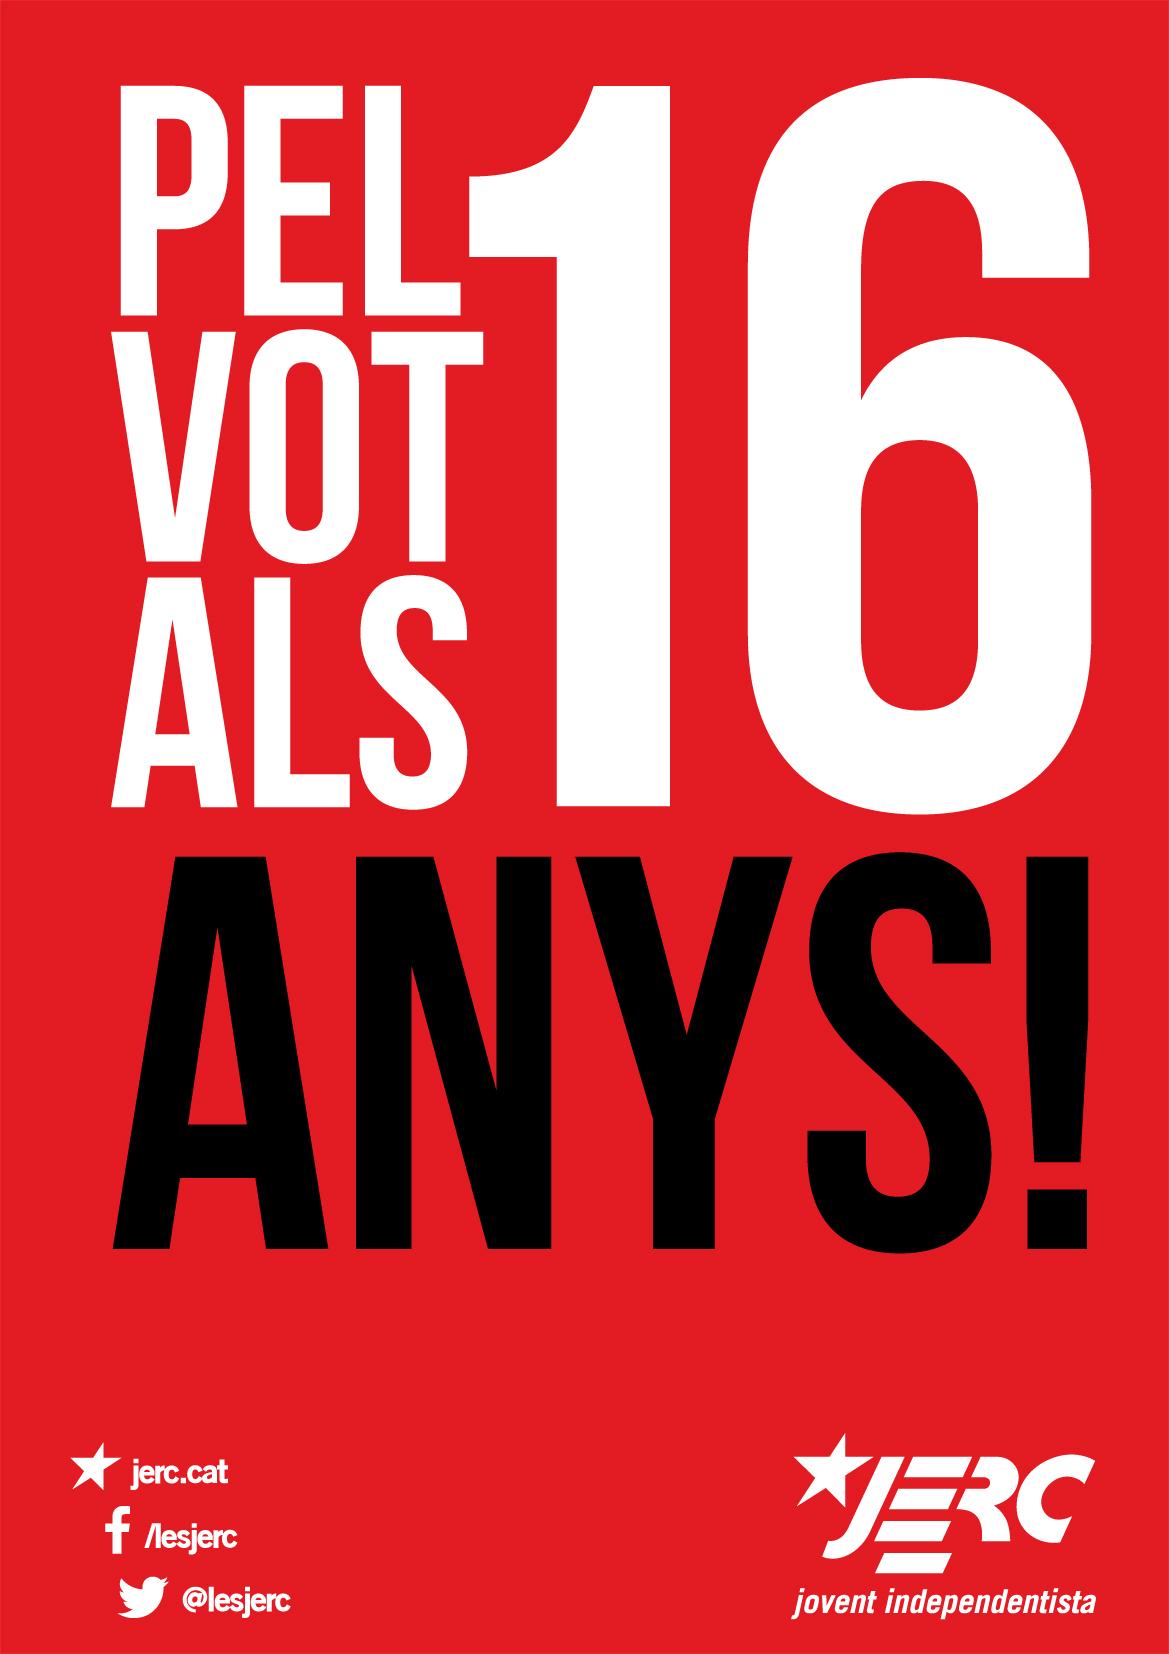 Cartelll de le JERC pel vot als 16 anys